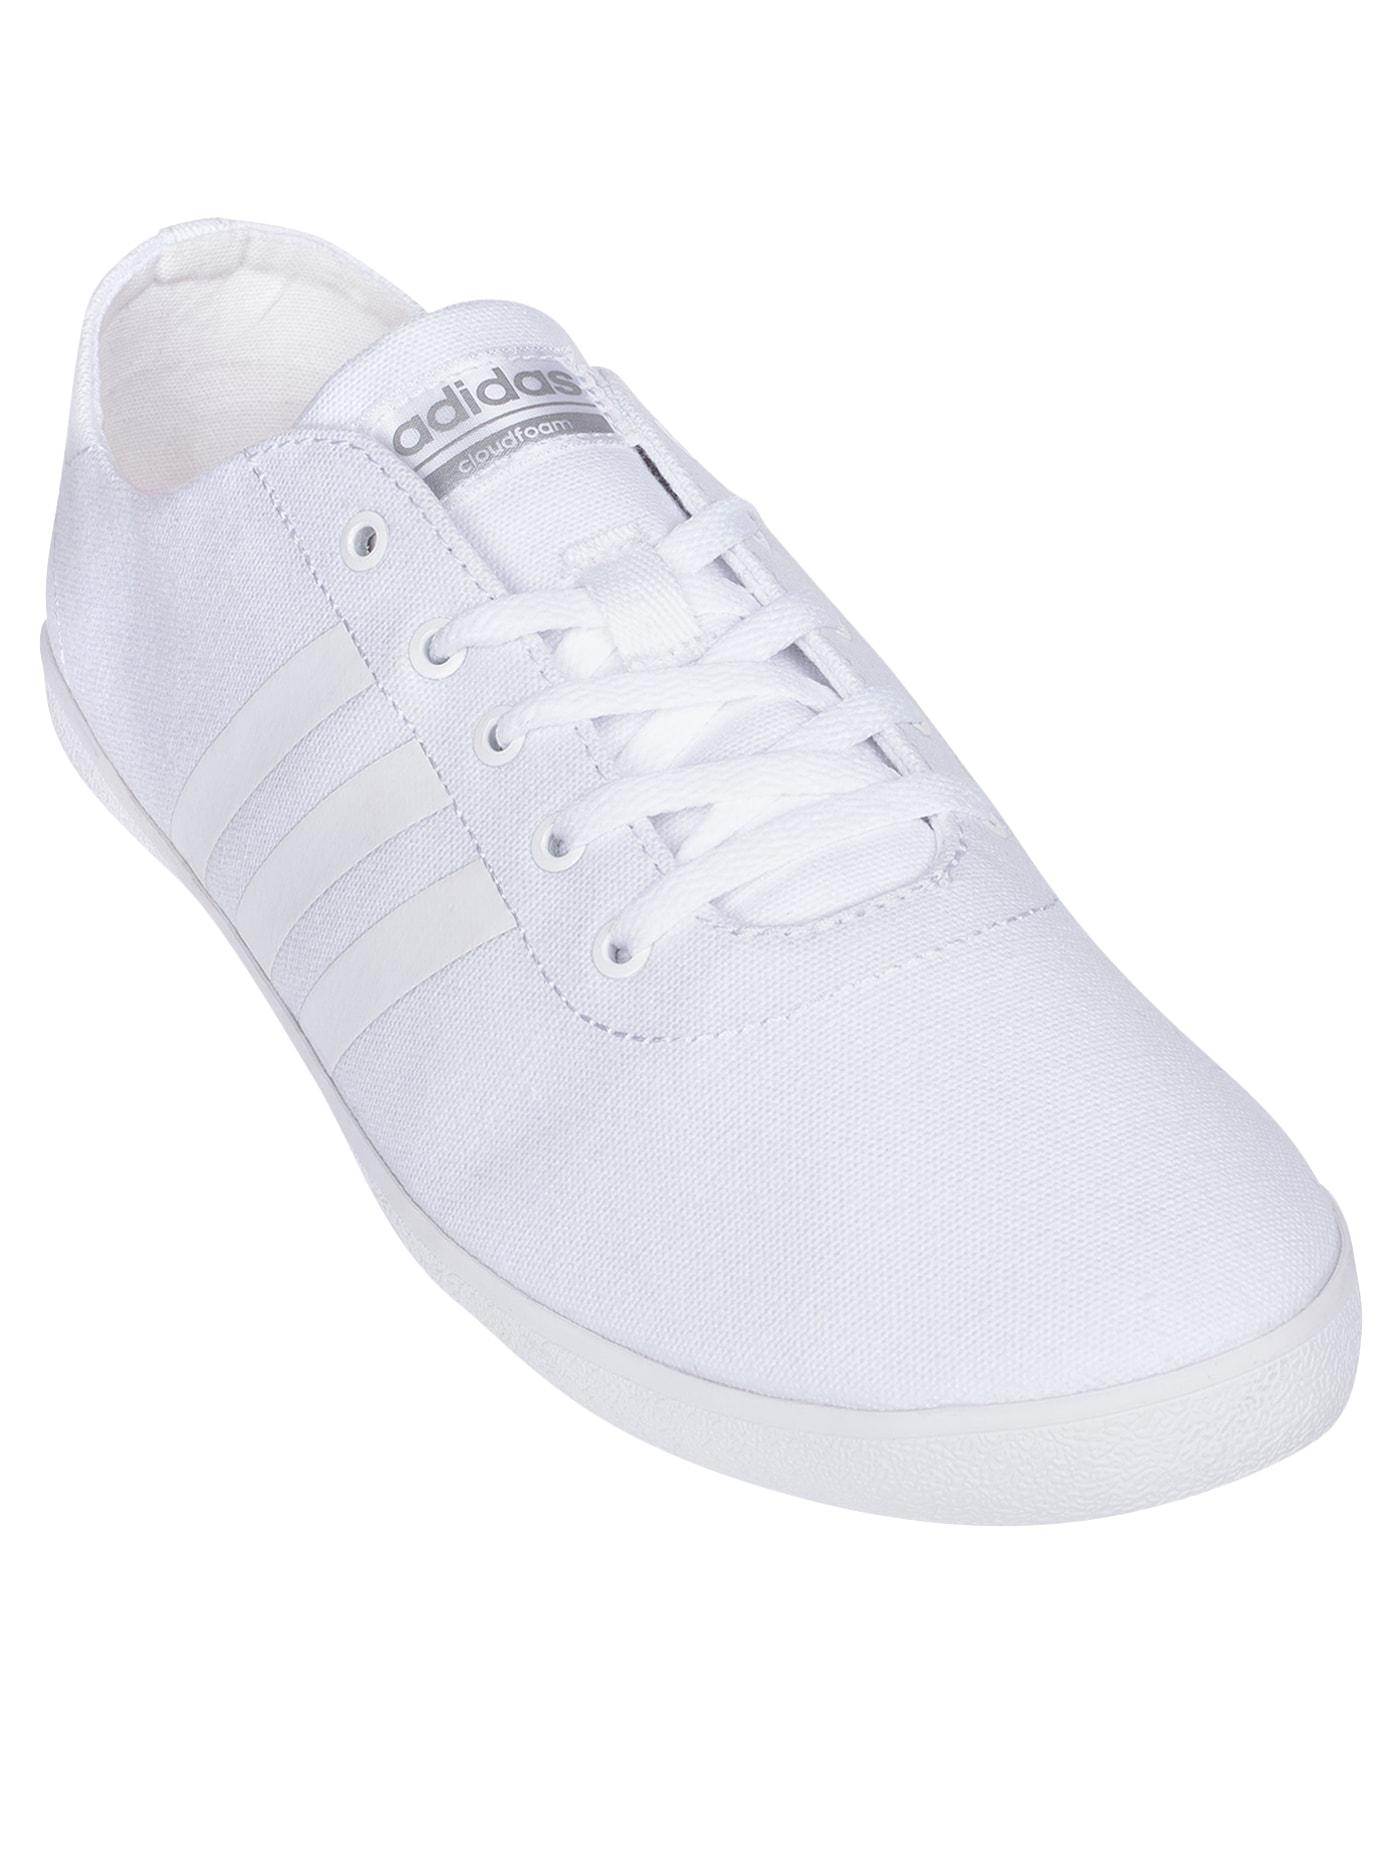 ADIDAS NEO รองเท้าลำลองผู้หญิง รุ่น Cloudfoam